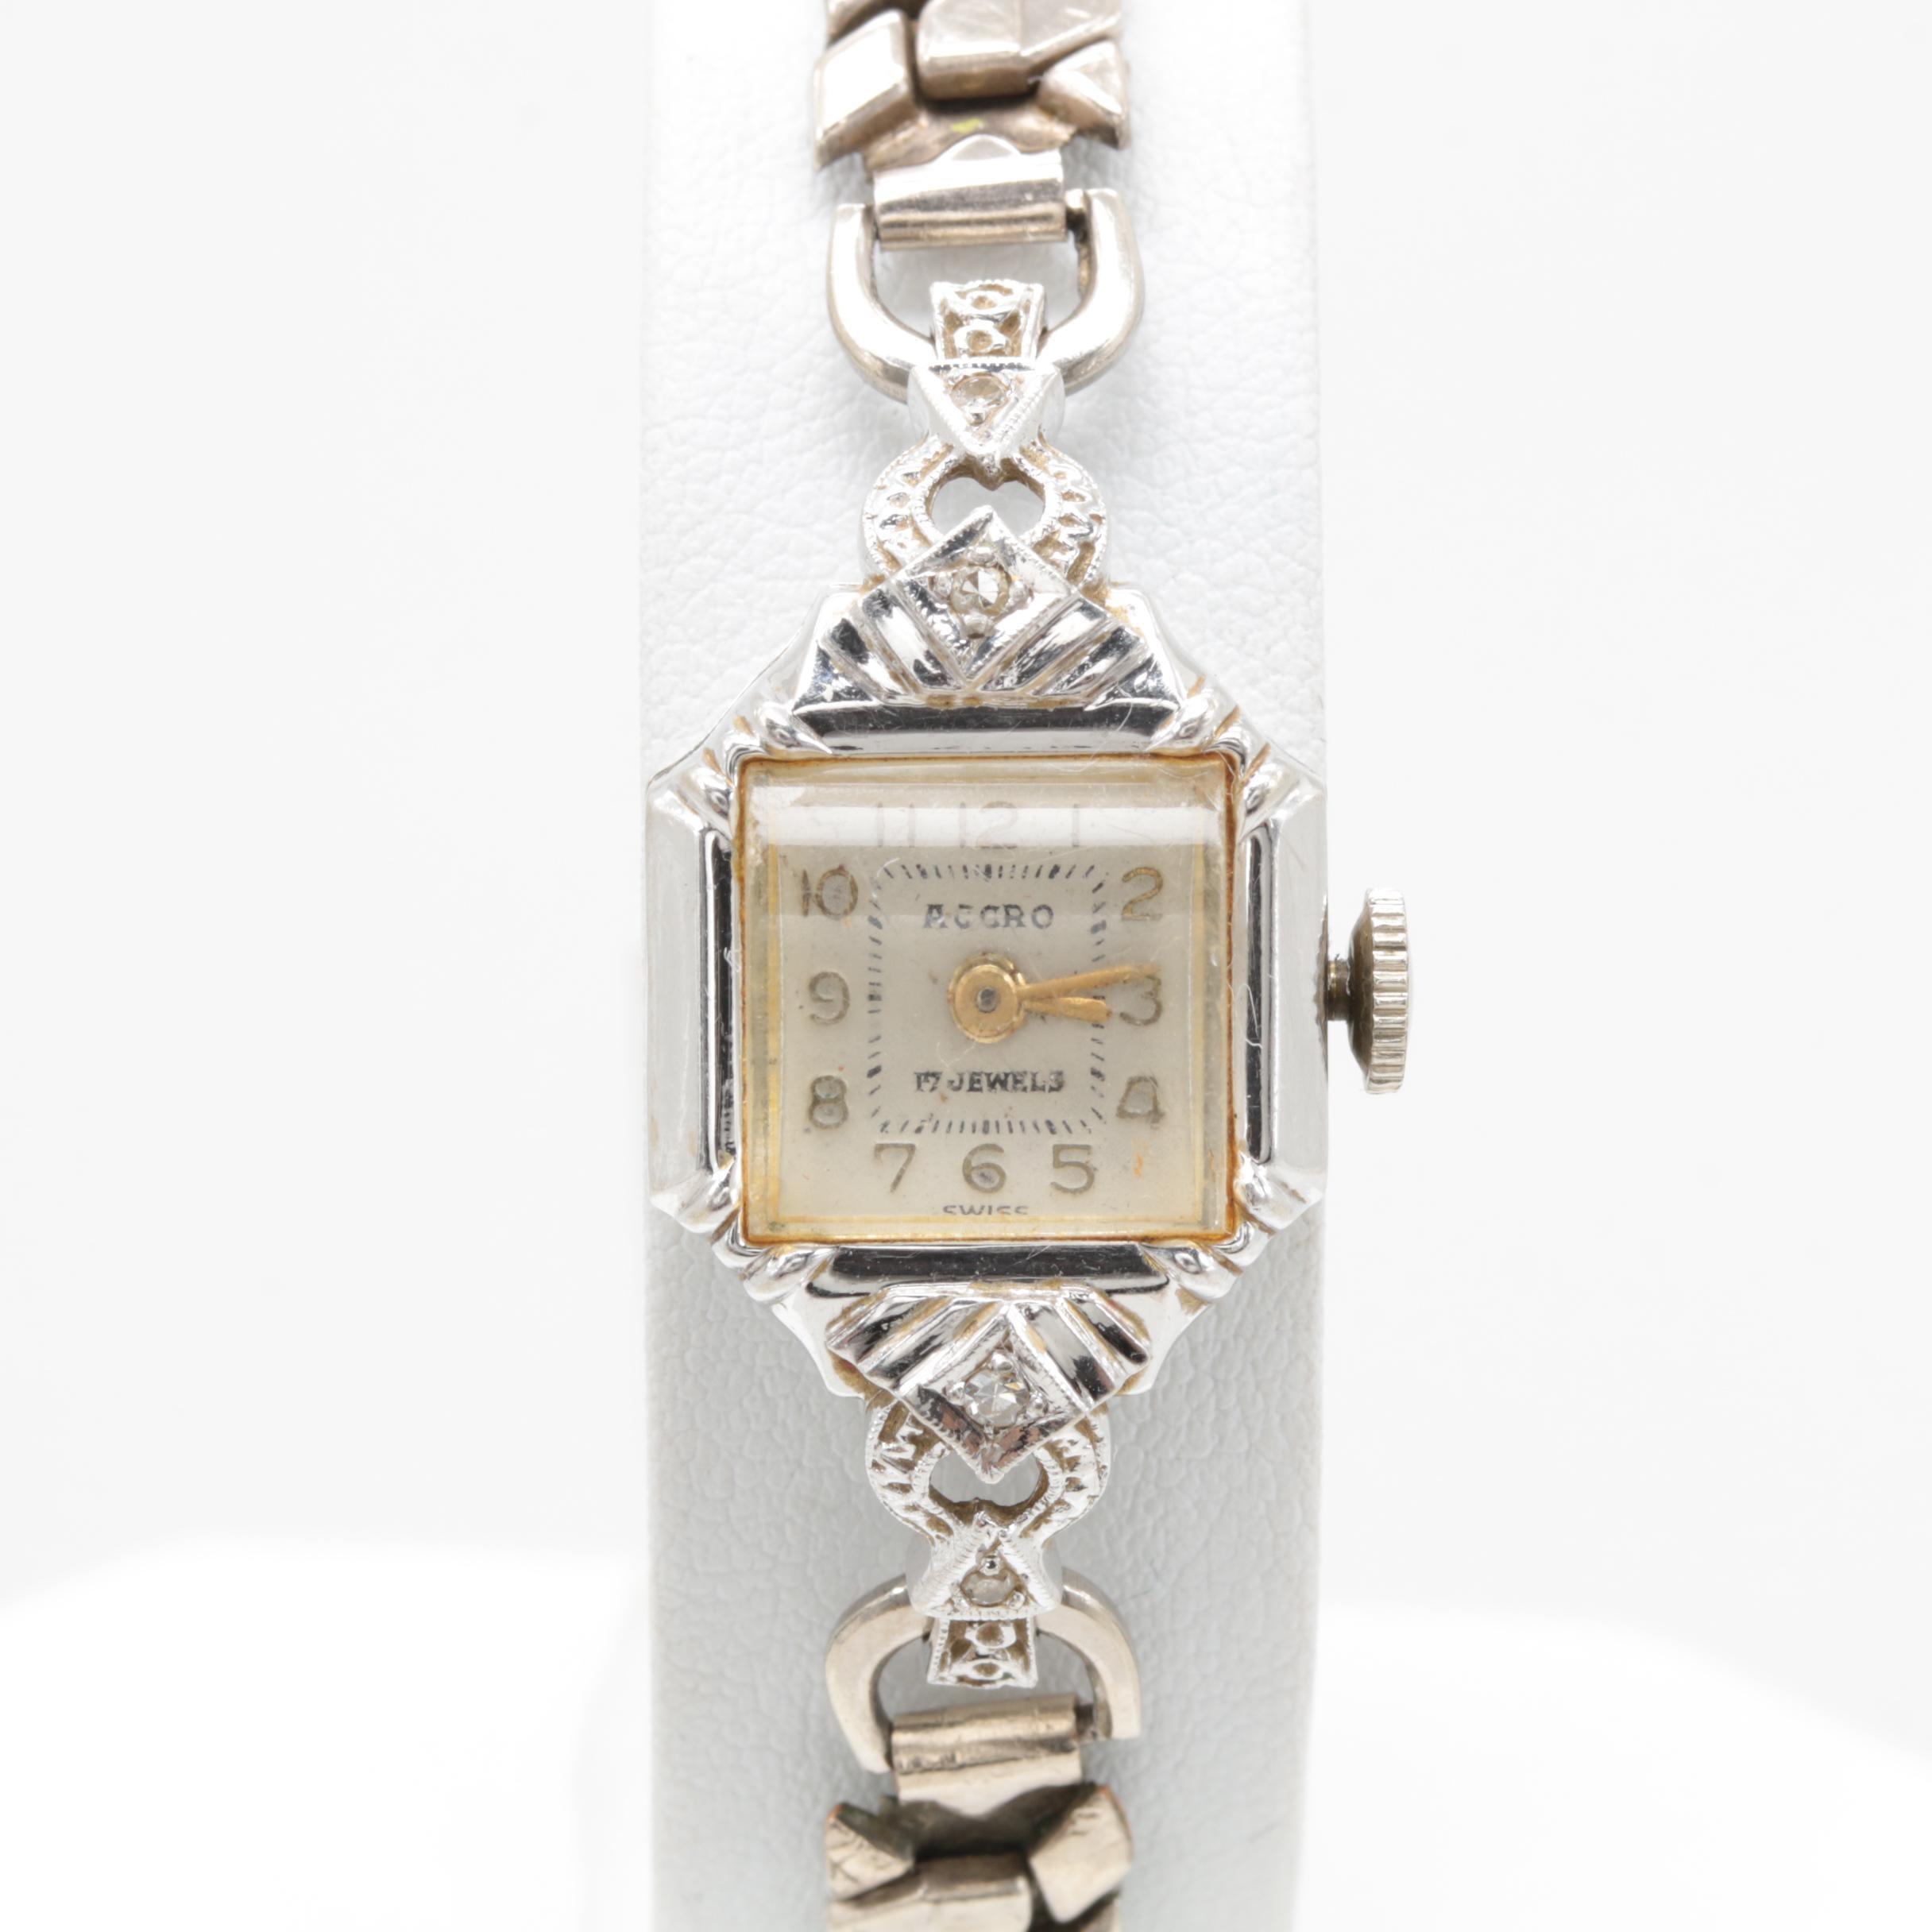 Accro 14K White Gold Diamond Wristwatch